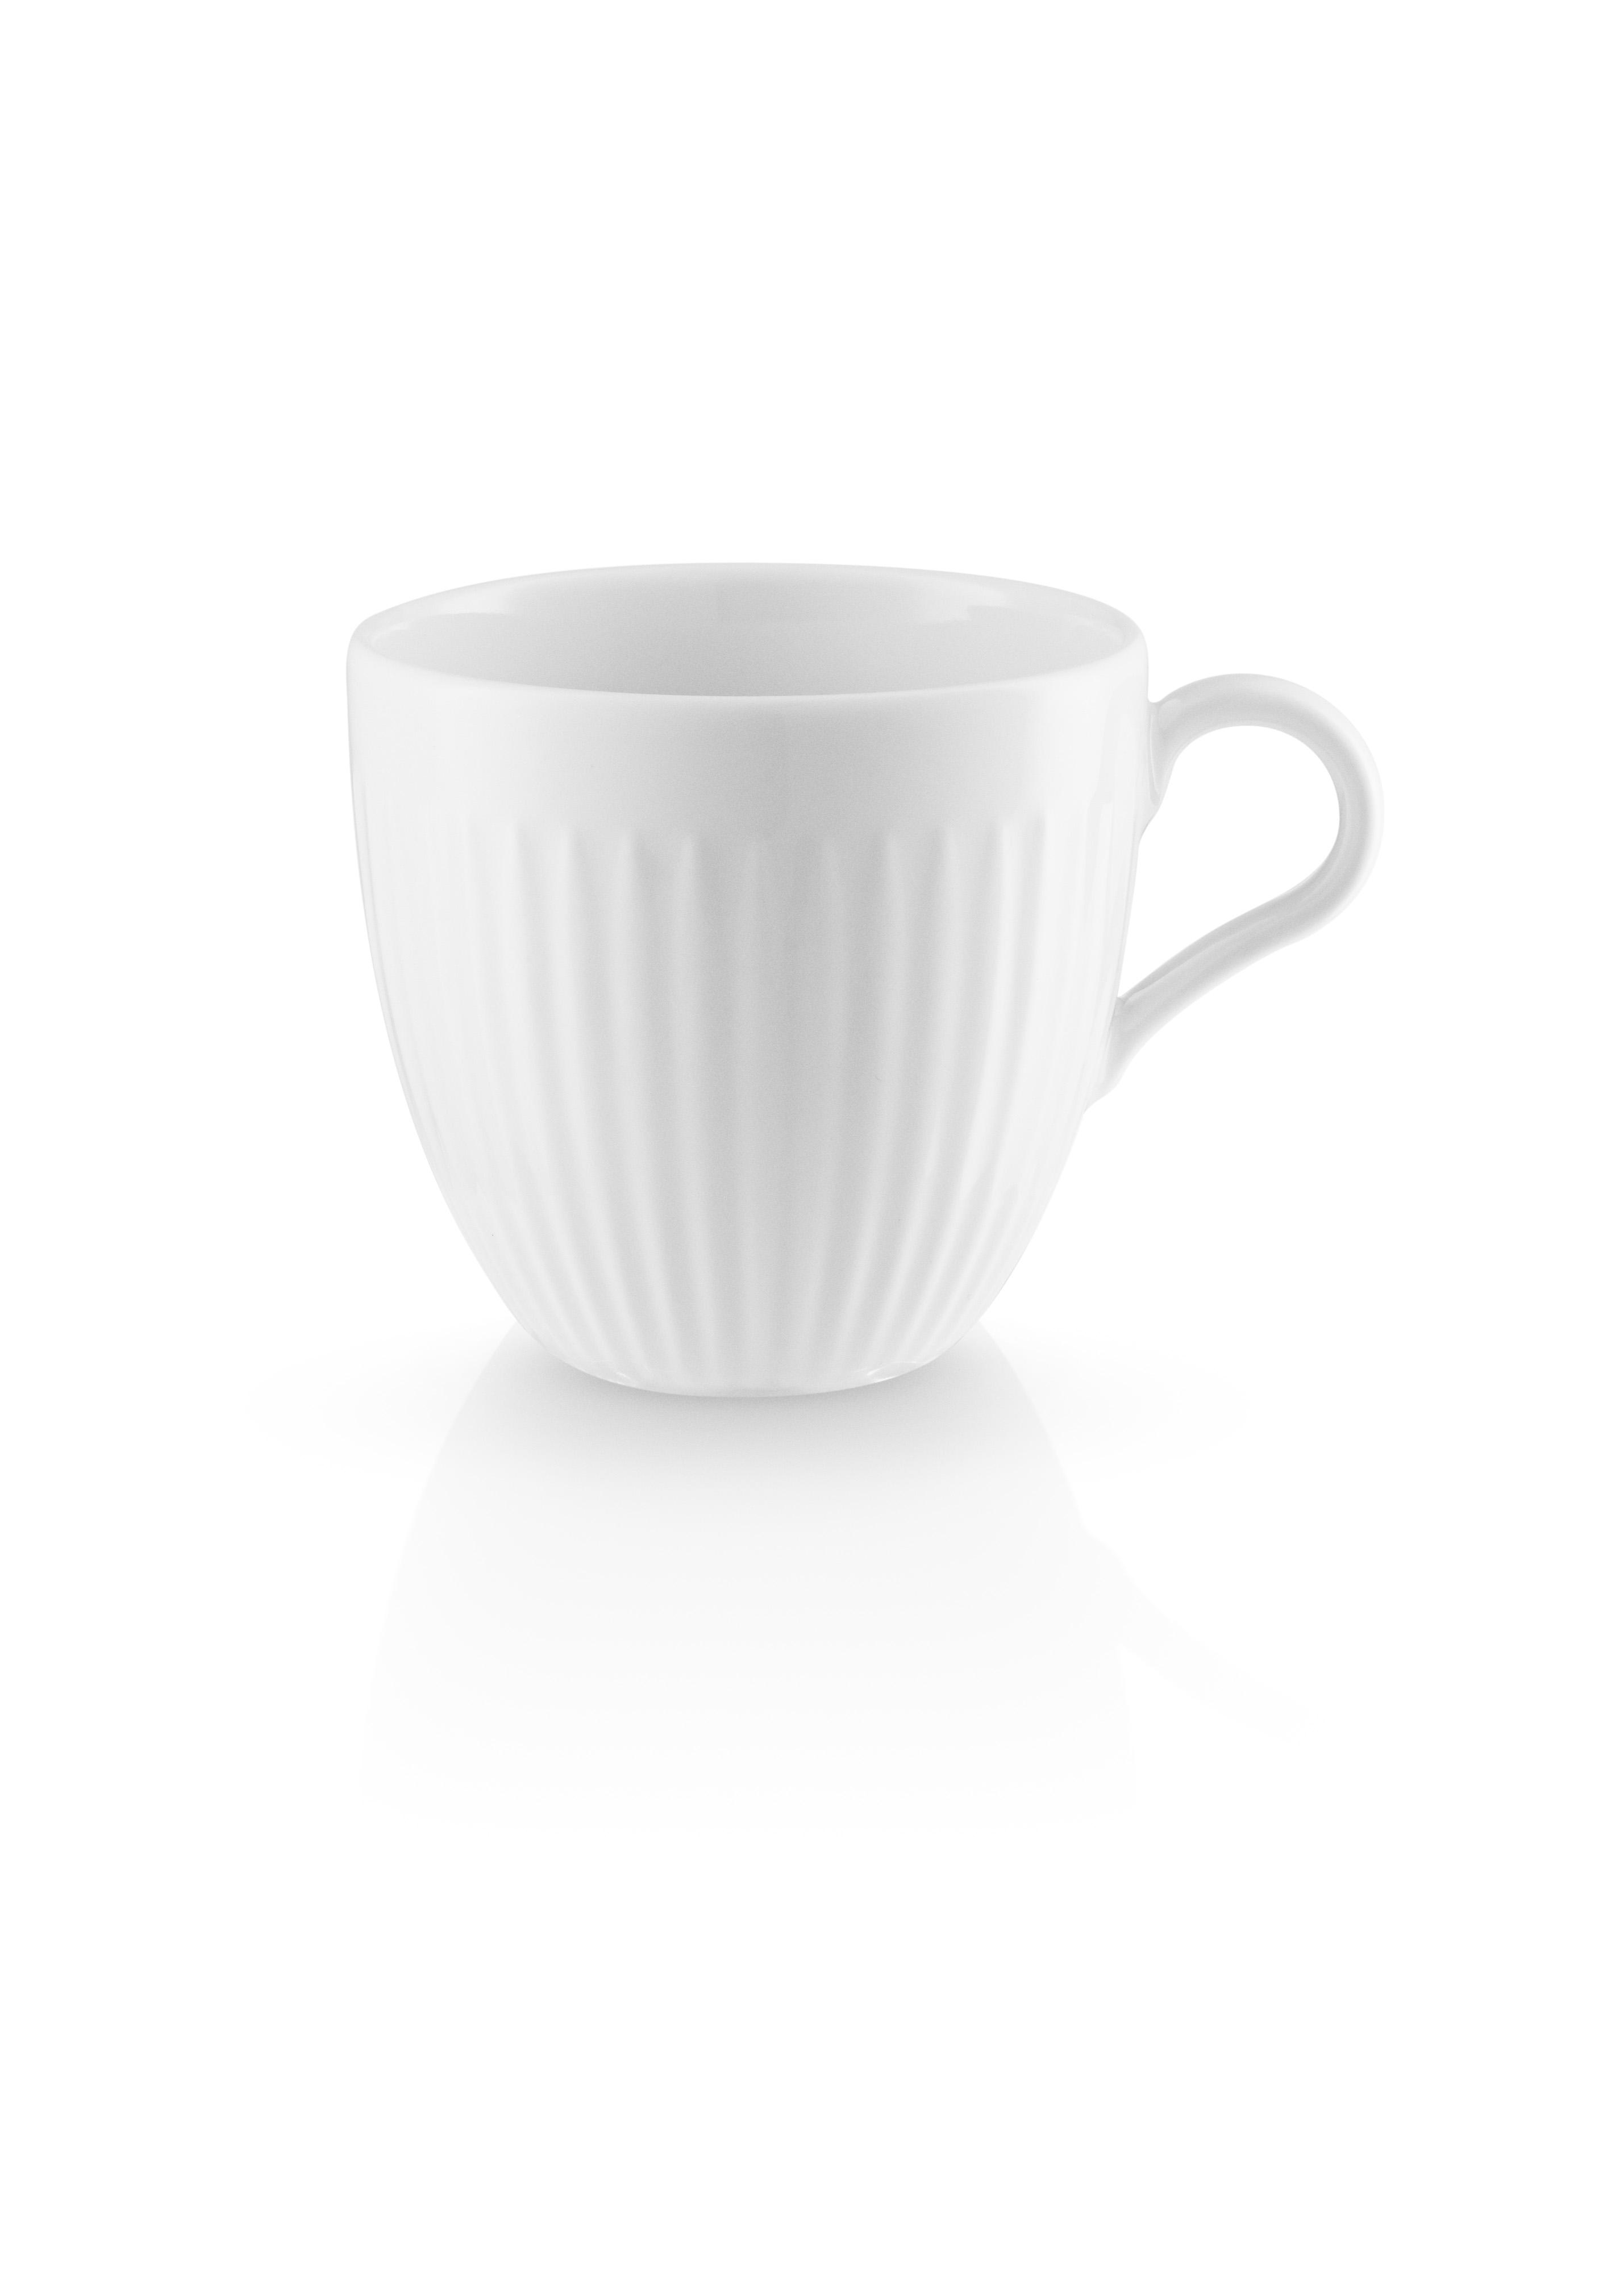 Eva Trio - Legio Nova Cup With Handle 30 cl (887258)